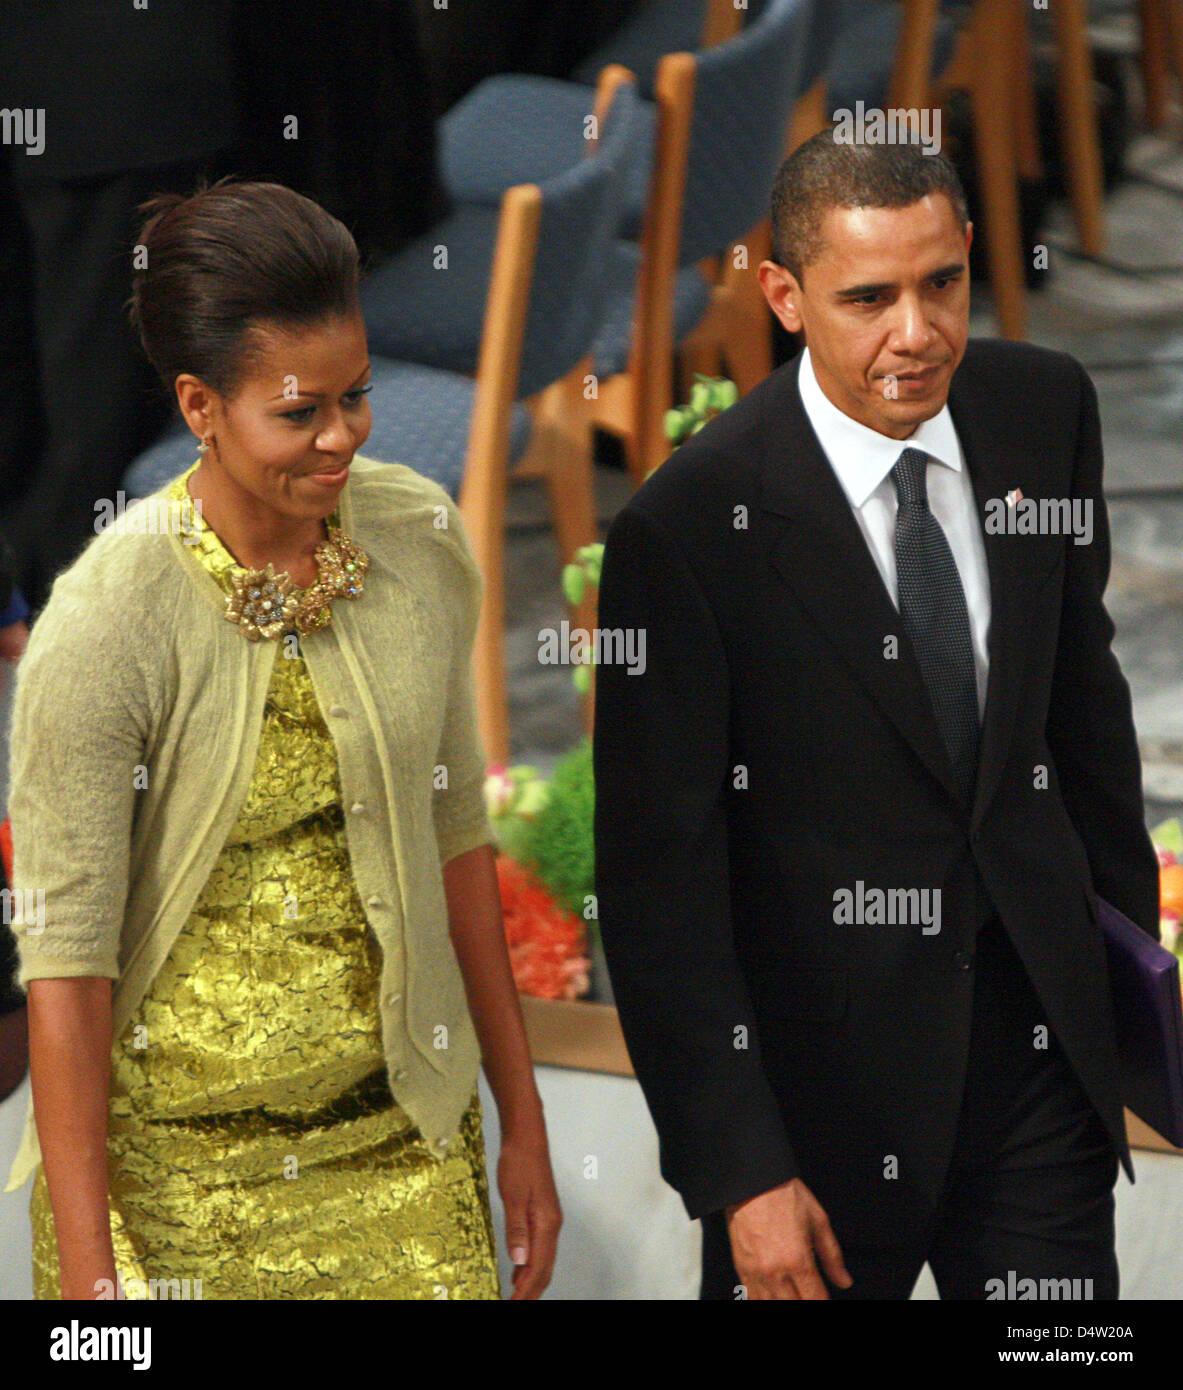 Obama's 'Sealed' Records